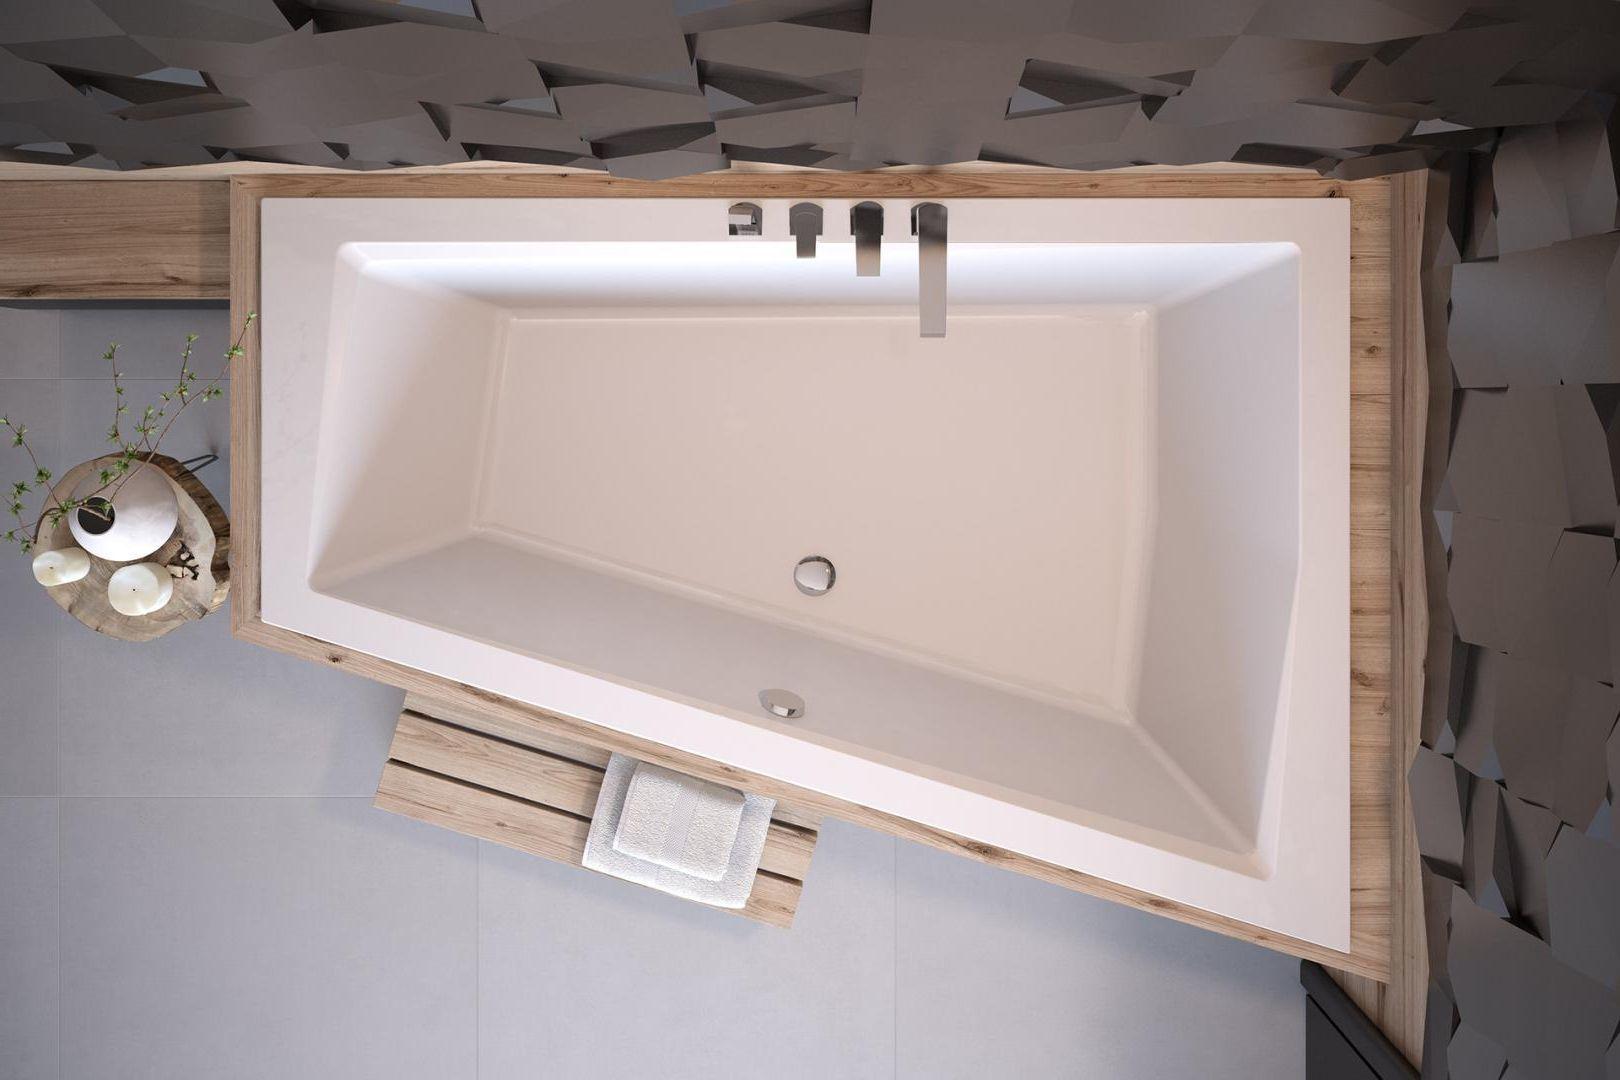 Besco wanna asymetryczna Intima Duo Slim 180 x 125 cm prawa